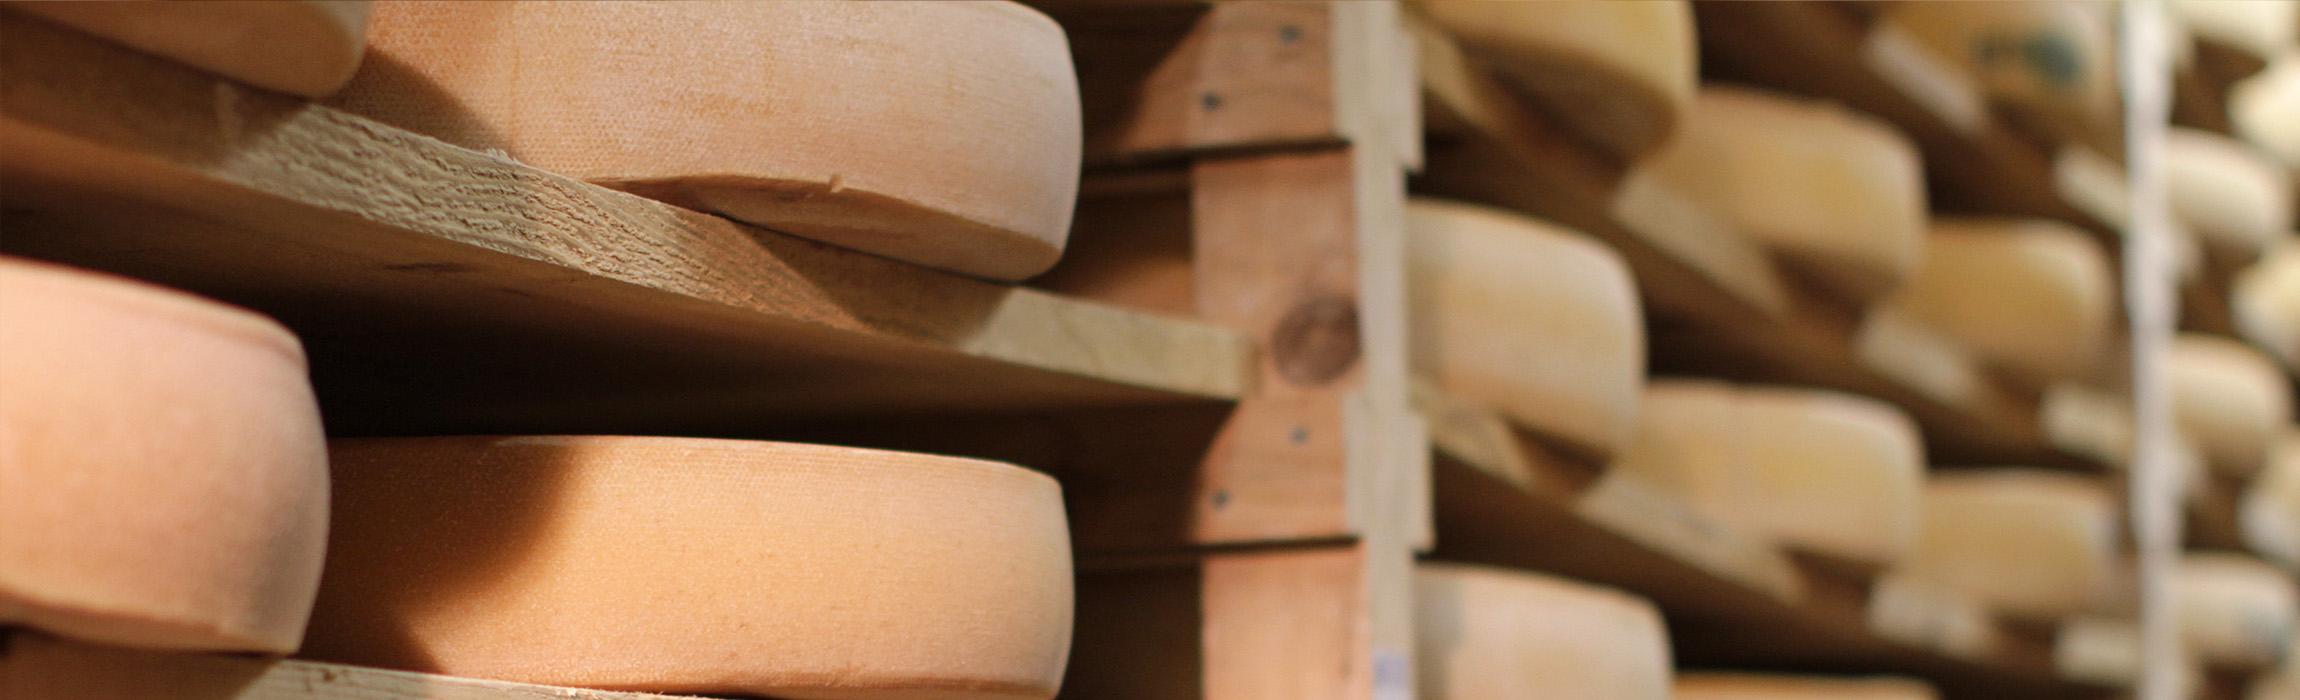 Automatisierte Palettierung von Käse.